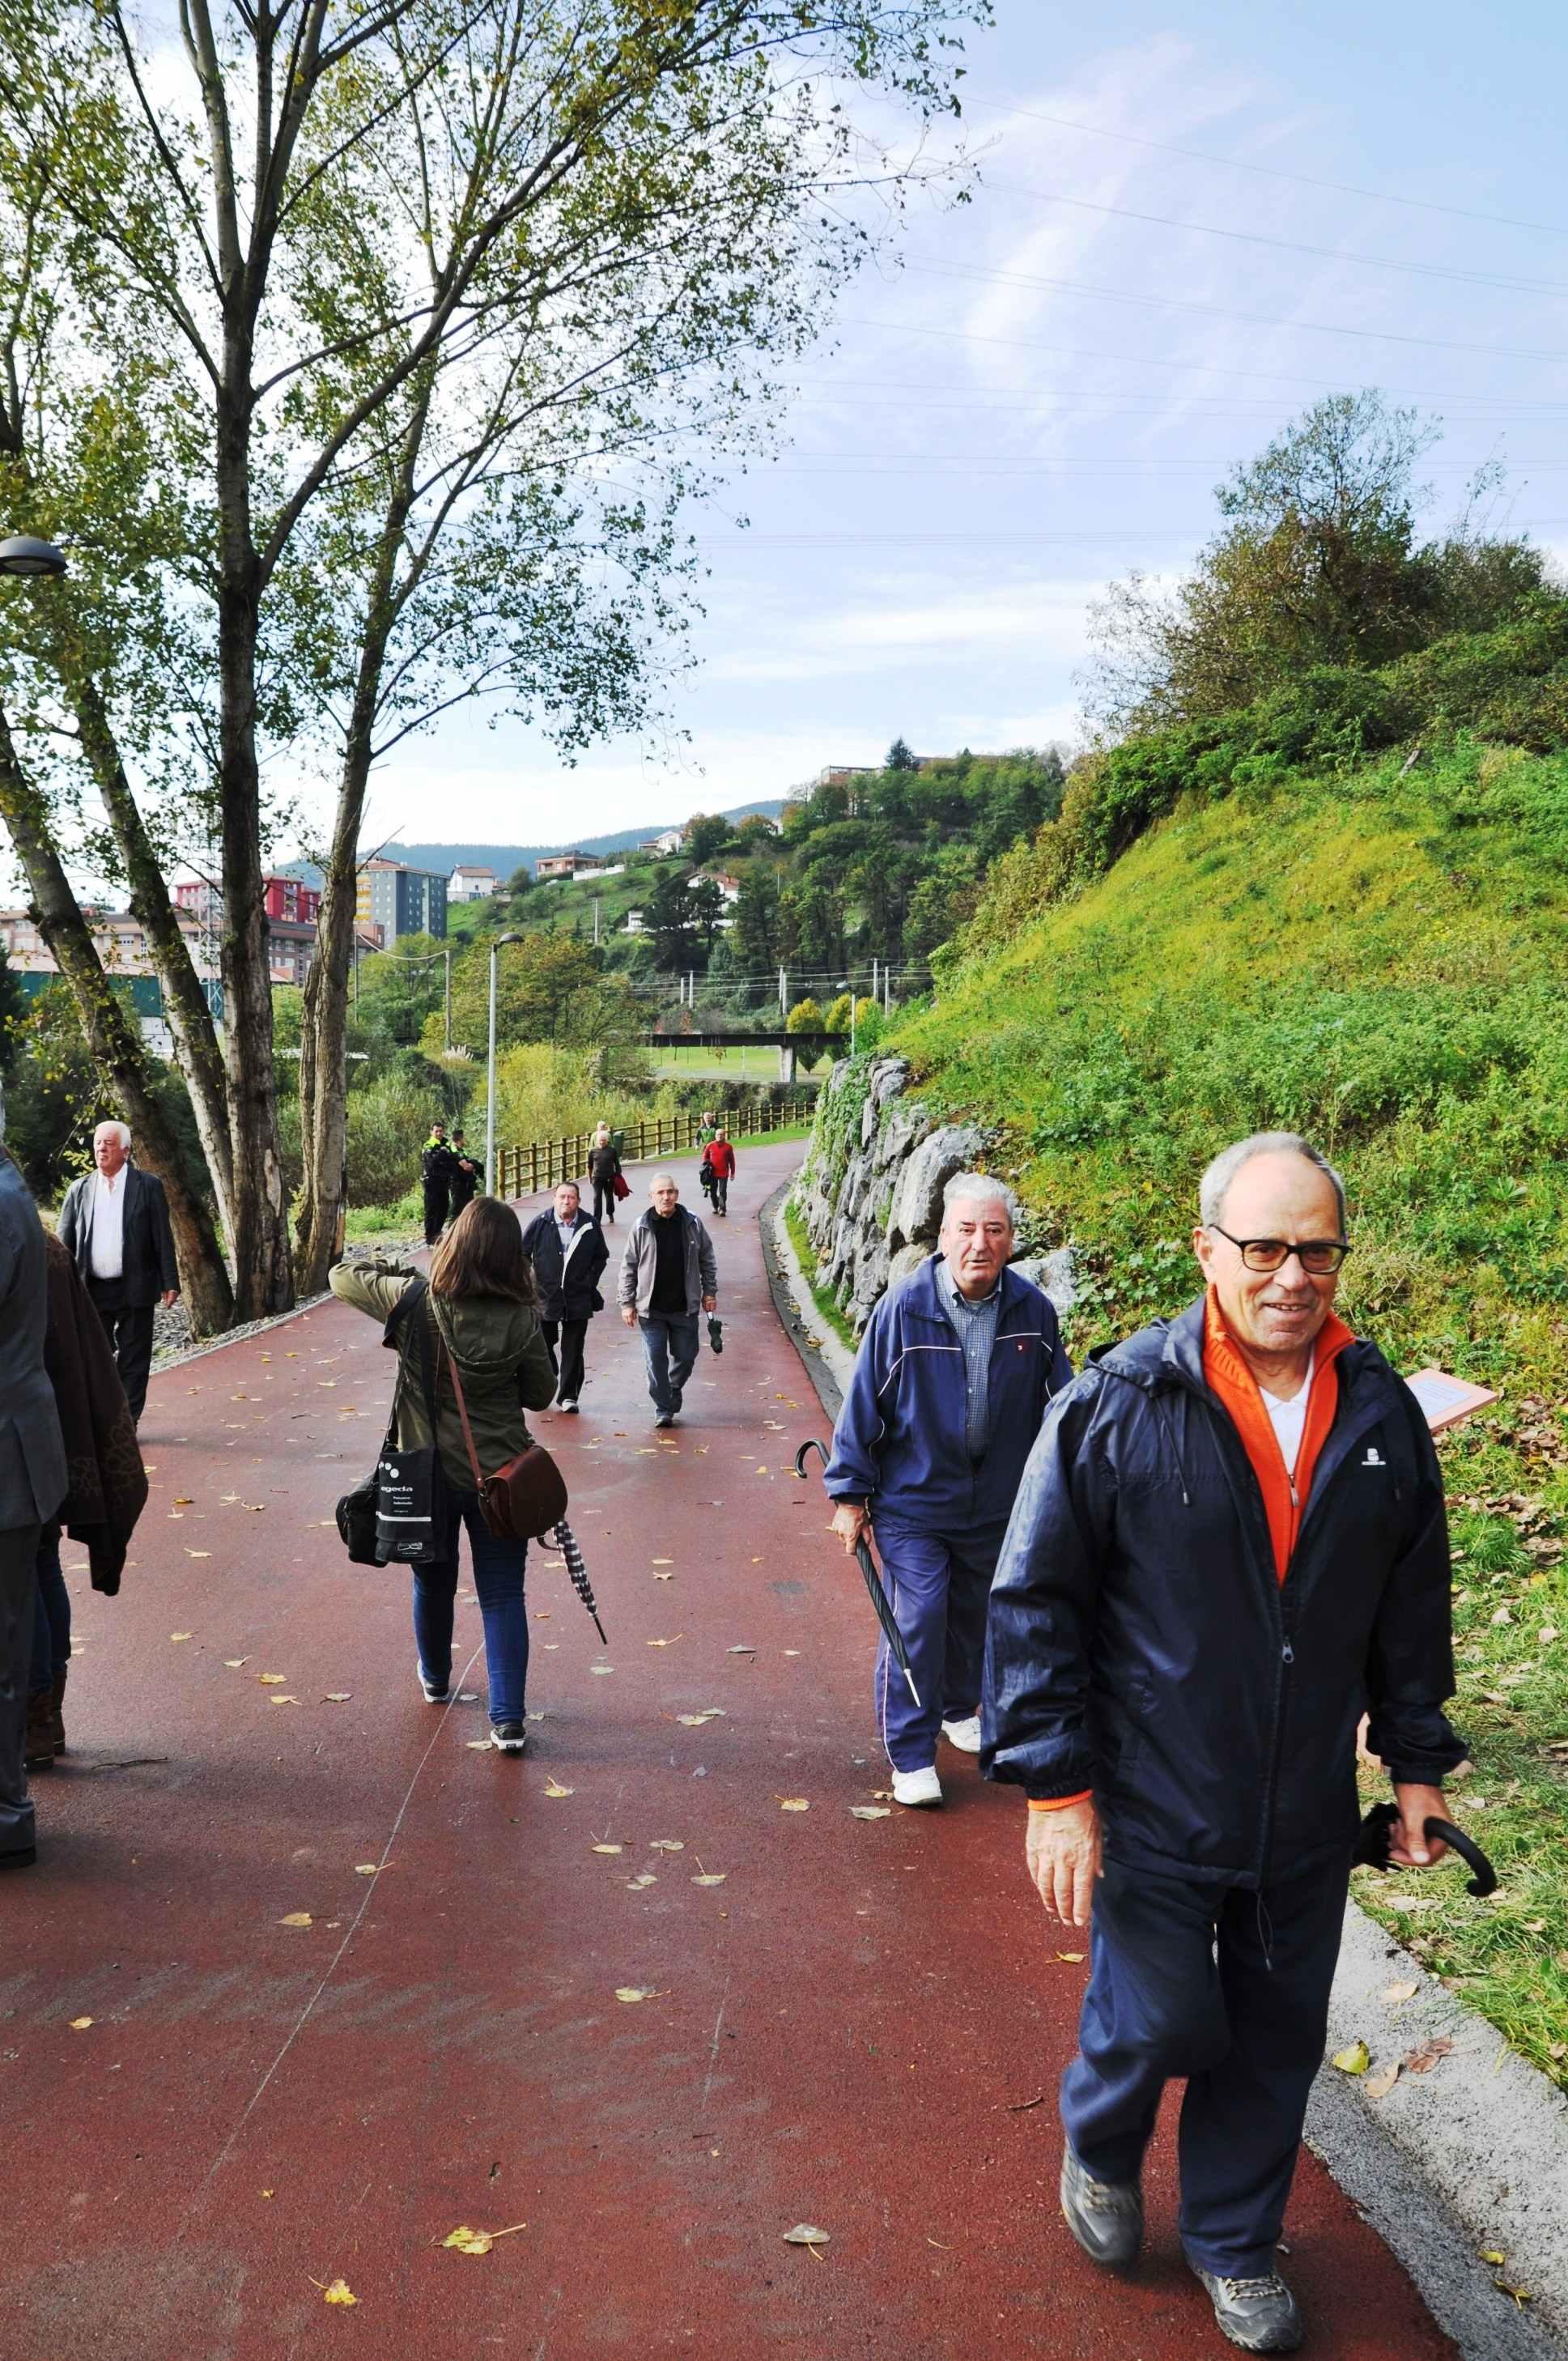 Paseo que une Basauri y Arrigorriaga. Foto: Ayuntamiento de Basauri